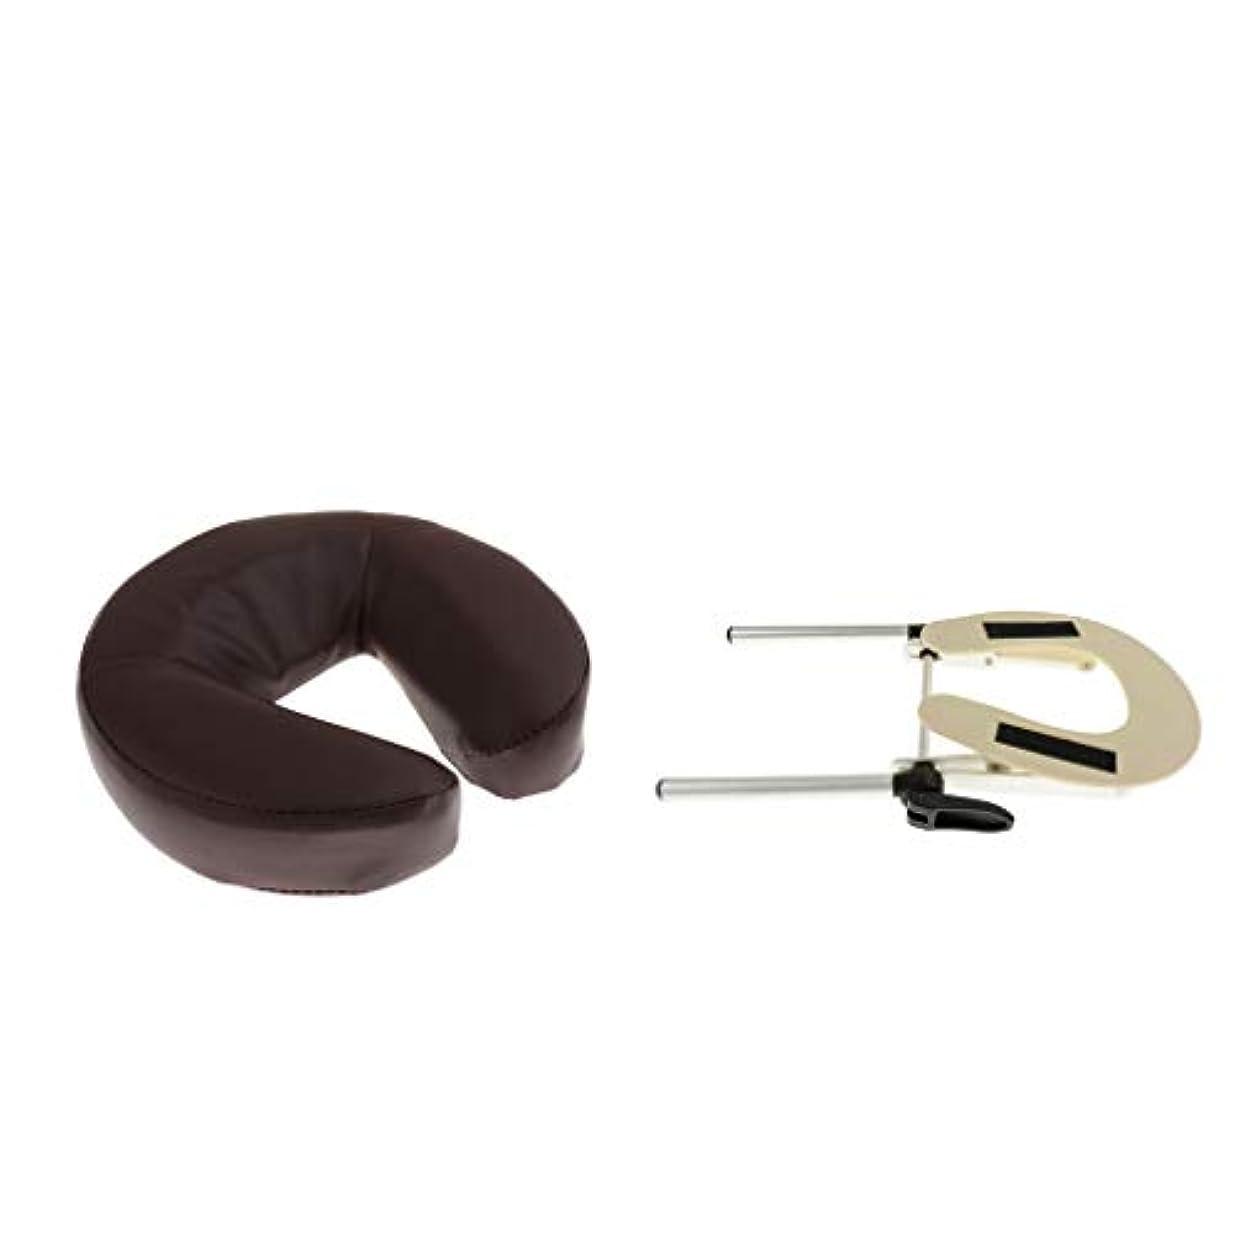 間に合わせブラストニコチンフェイスクレードルクッション フェイスダウン枕 耐久性 使いやすい